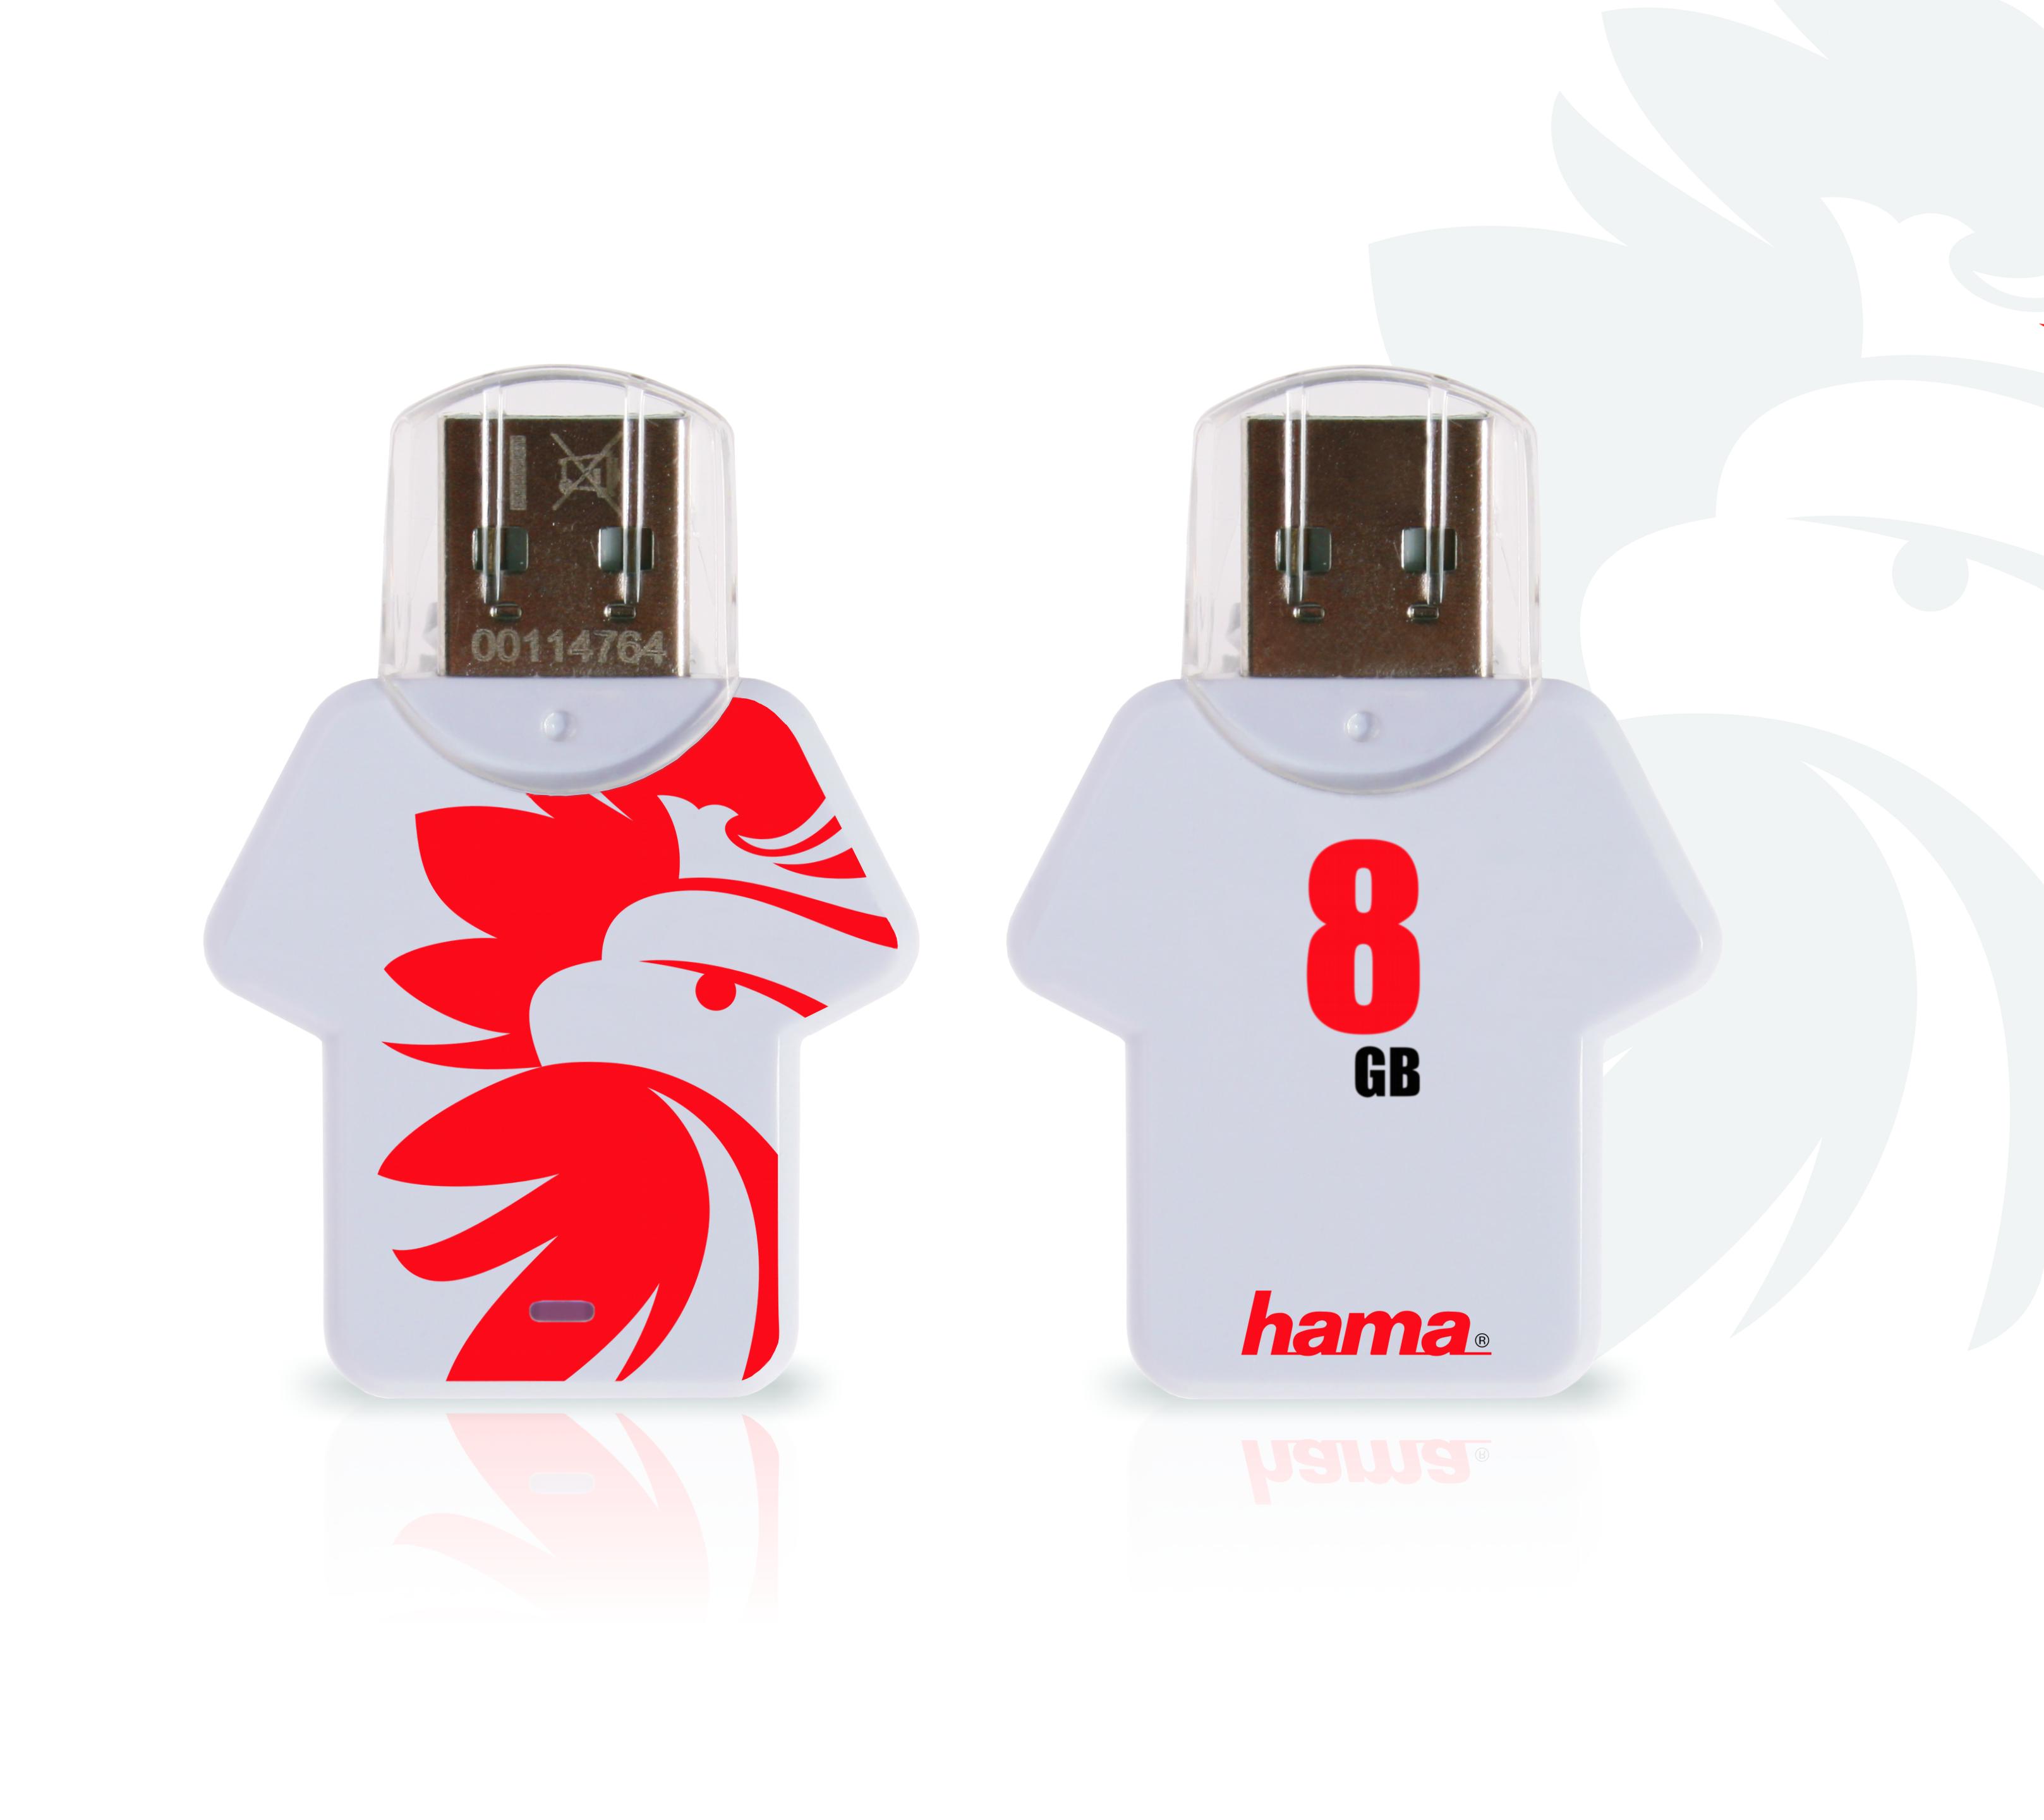 Hama: pamięci w piłkarskich koszulkach